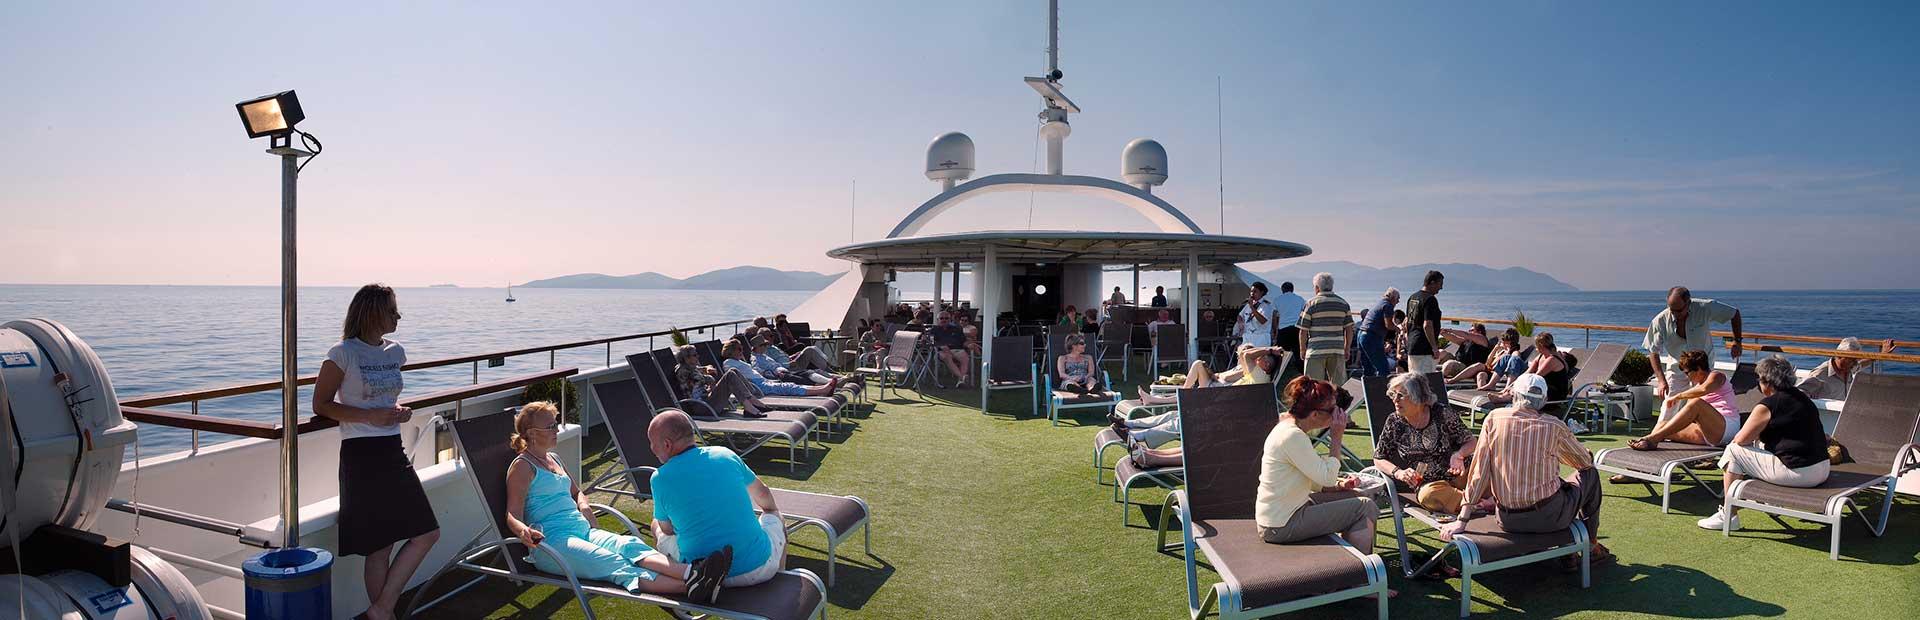 CroisiEurope MV La Belle de l'Adriatique - Sun Deck